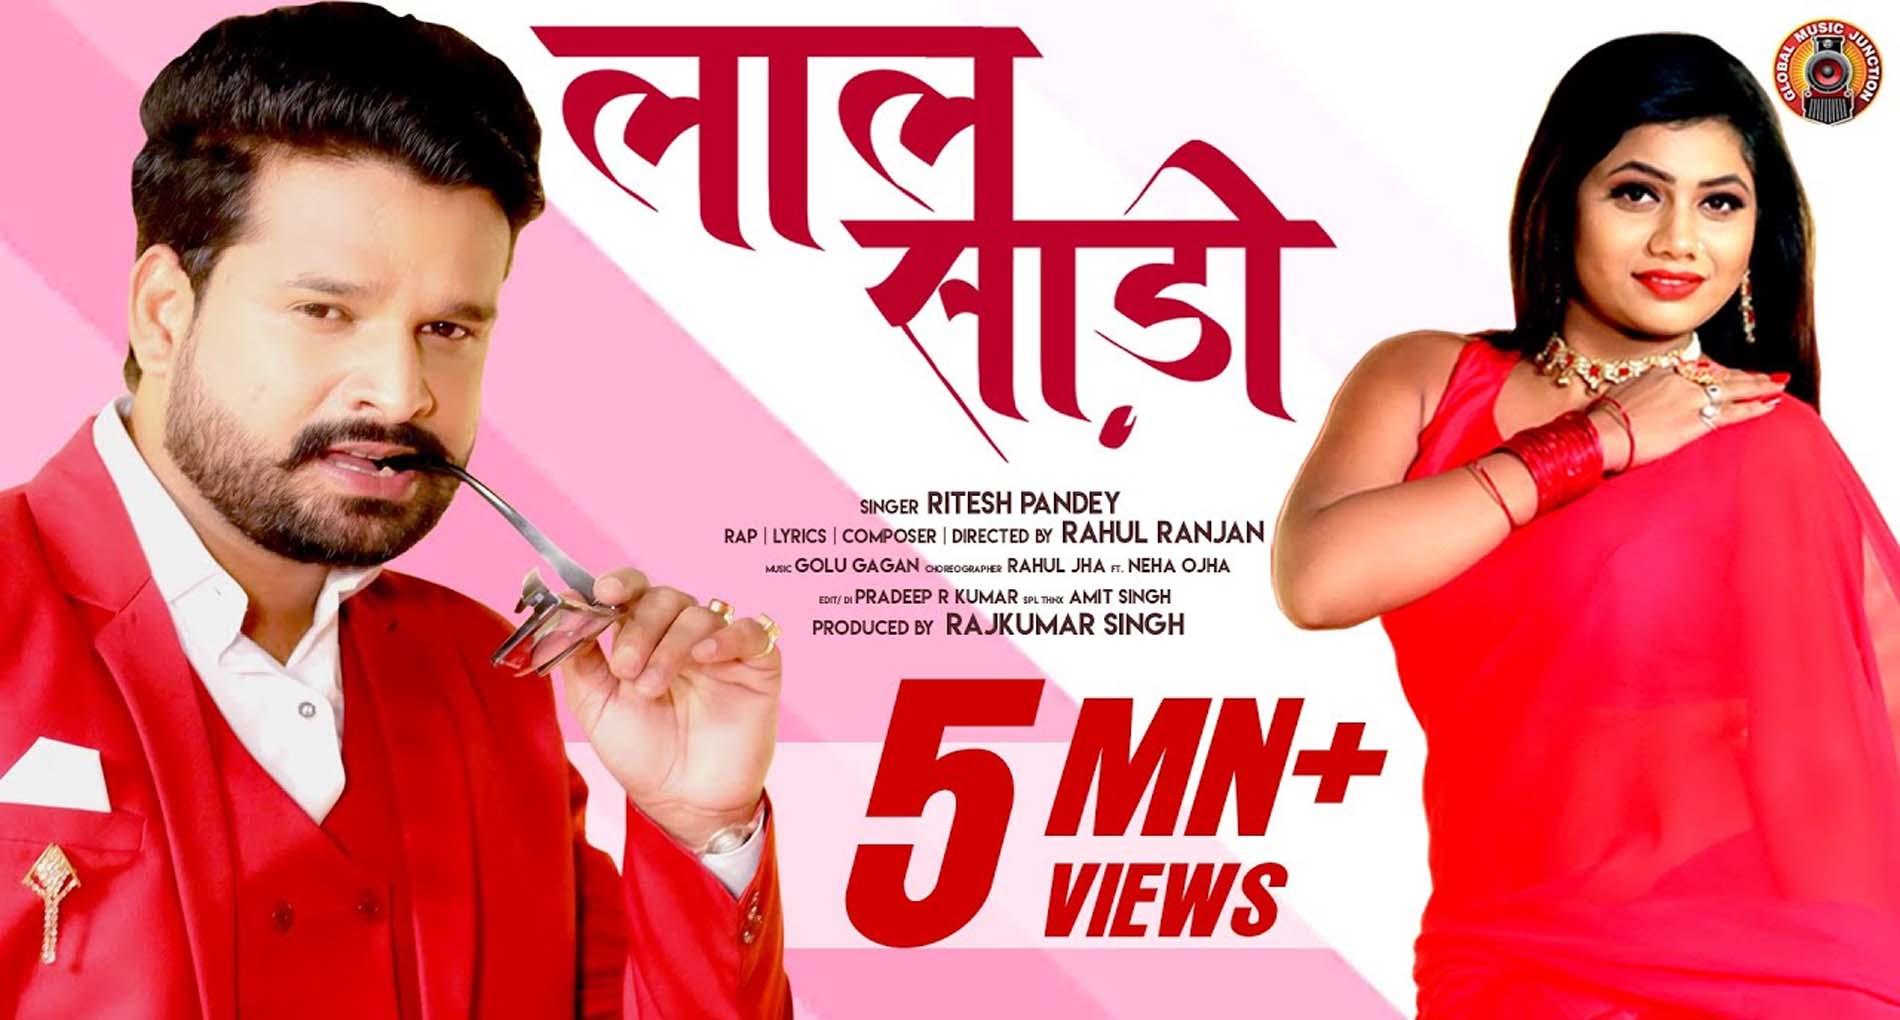 Ritesh Pandey Song: नेहा की लाल साड़ी और बिंदास अदाओं पर फिदा हुए रितेश पांडे! देखें वीडियो